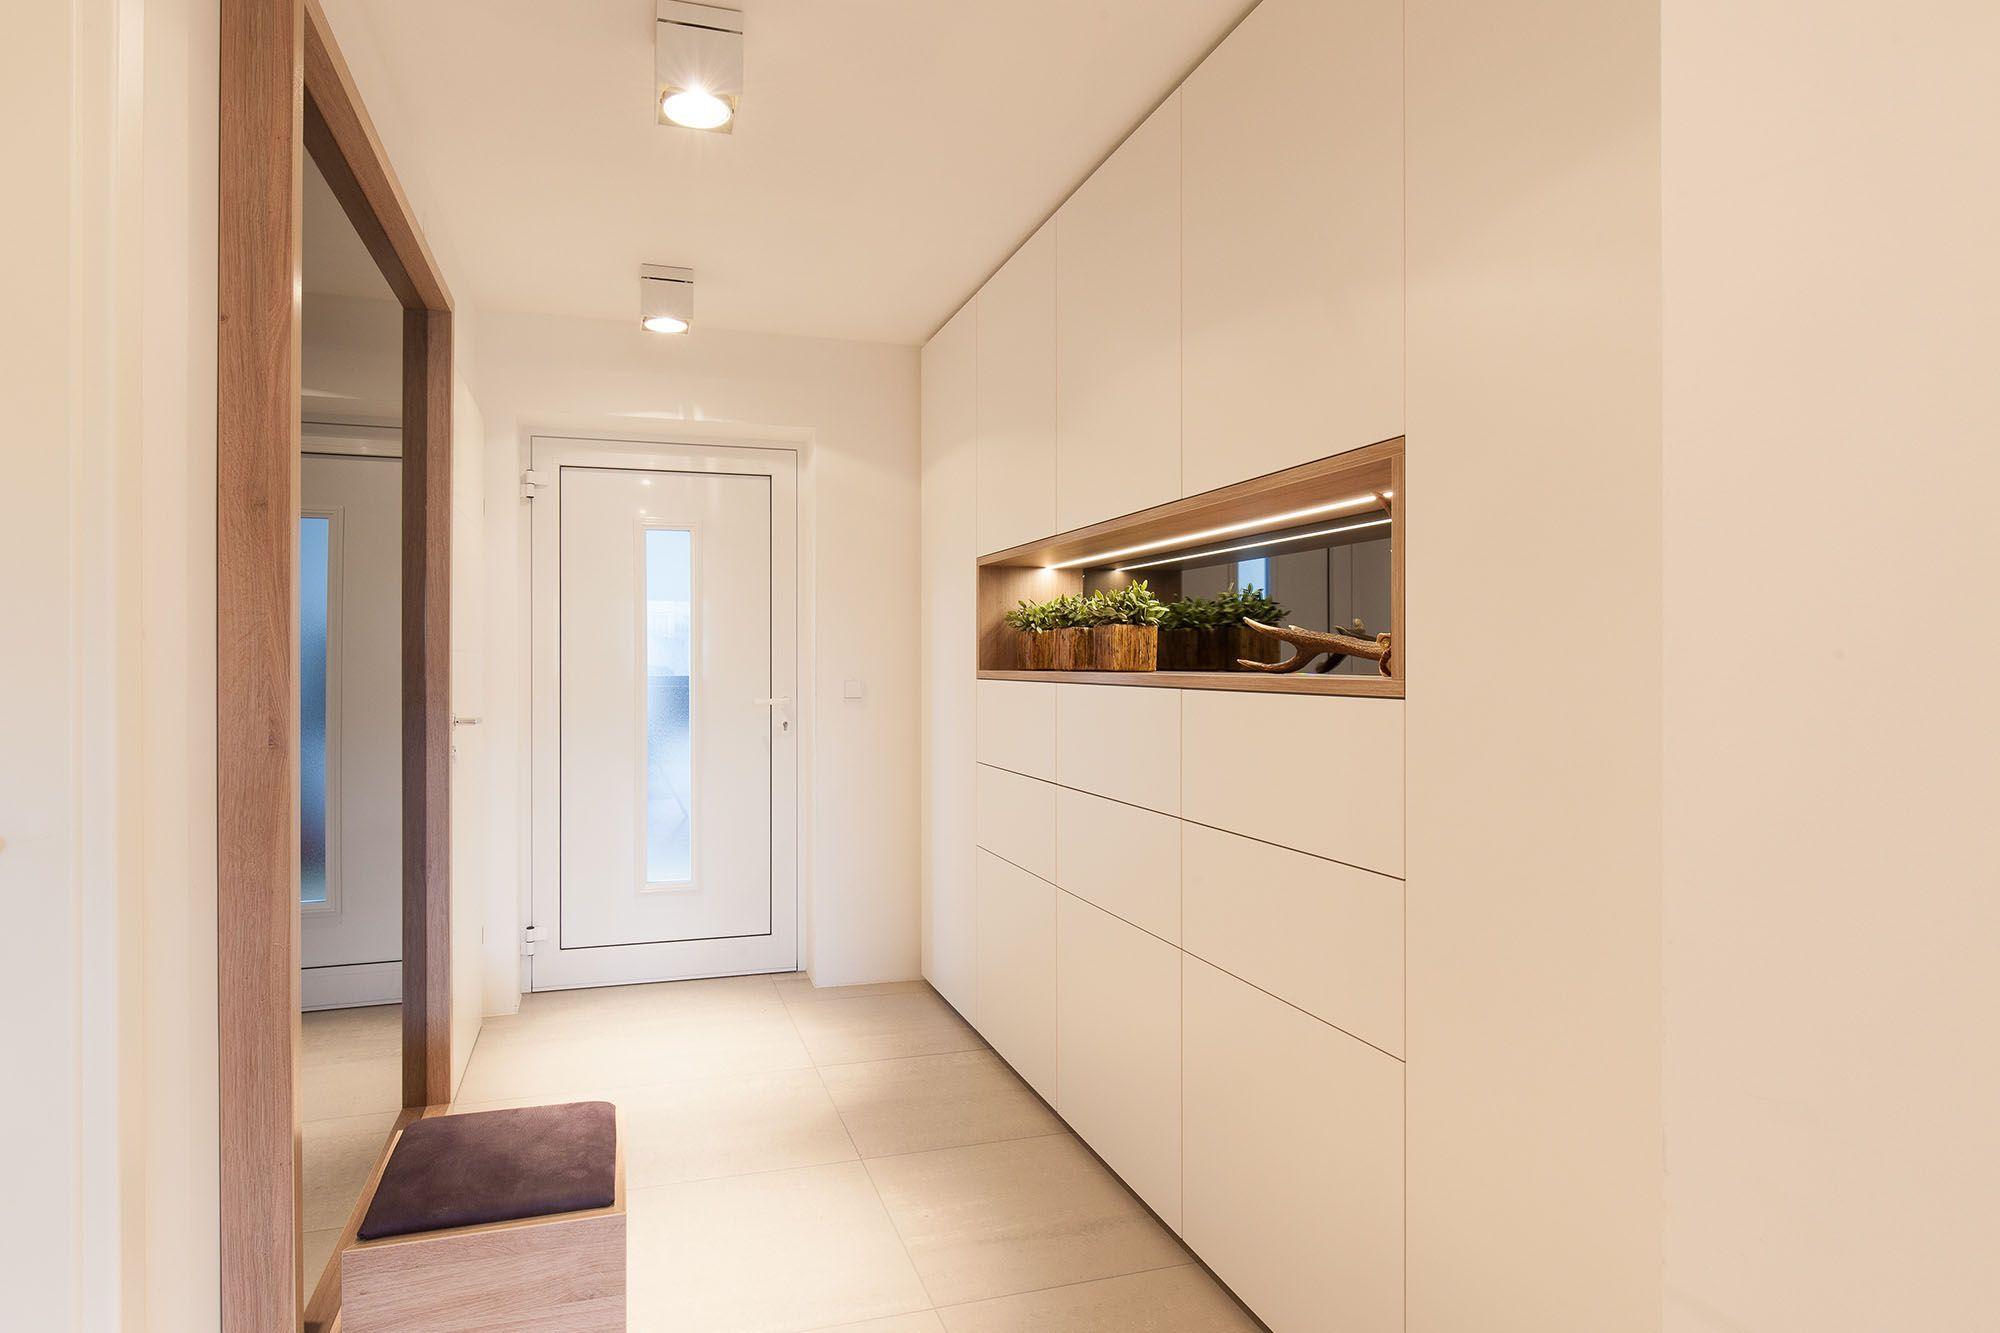 Home hall design-ideen krumhubersign ua gesamtkonzept fss  dream house  pinterest